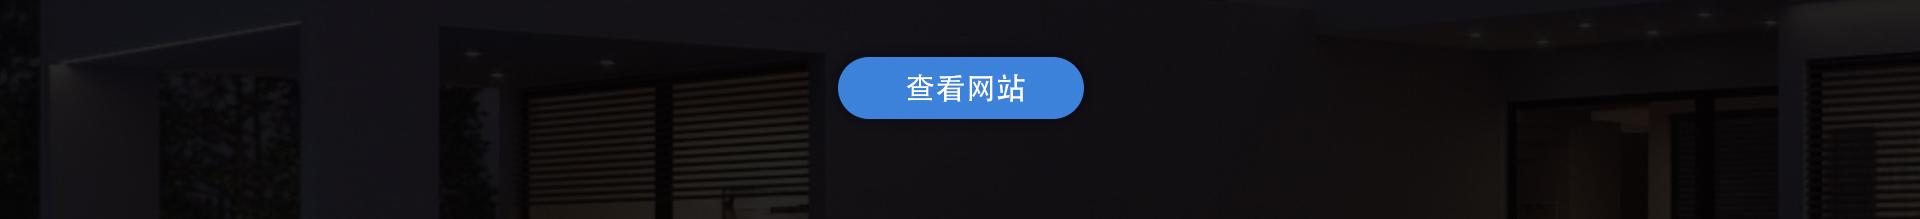 宁波非凡-郑蕾娜-奇域旅行_02